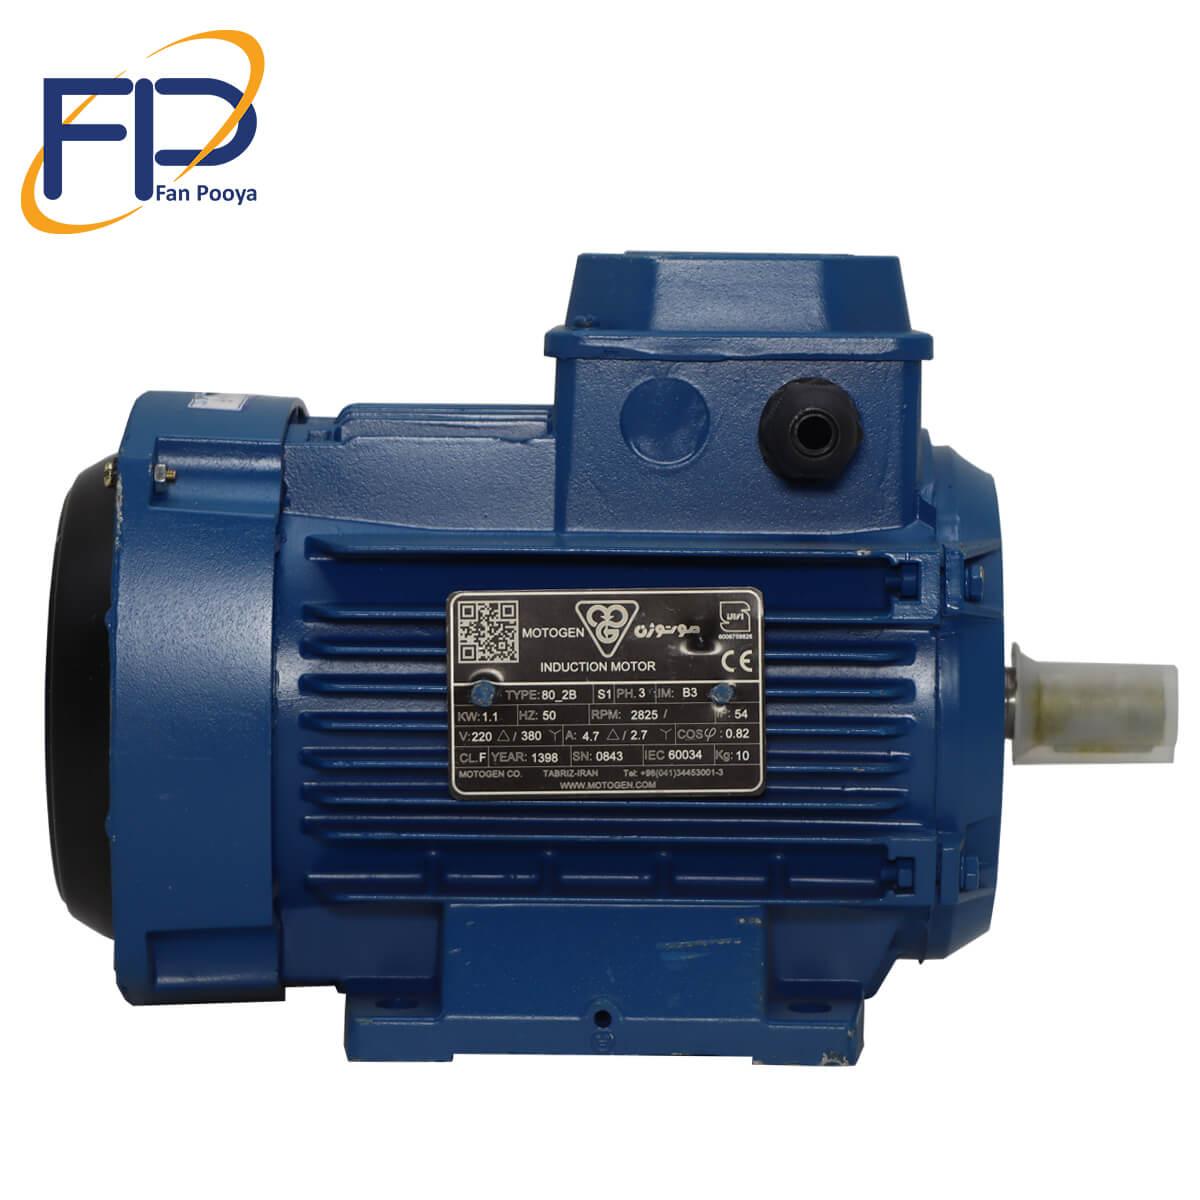 الکترو موتور موتوژن قدرت 0.37kw کیلو وات3000 دور